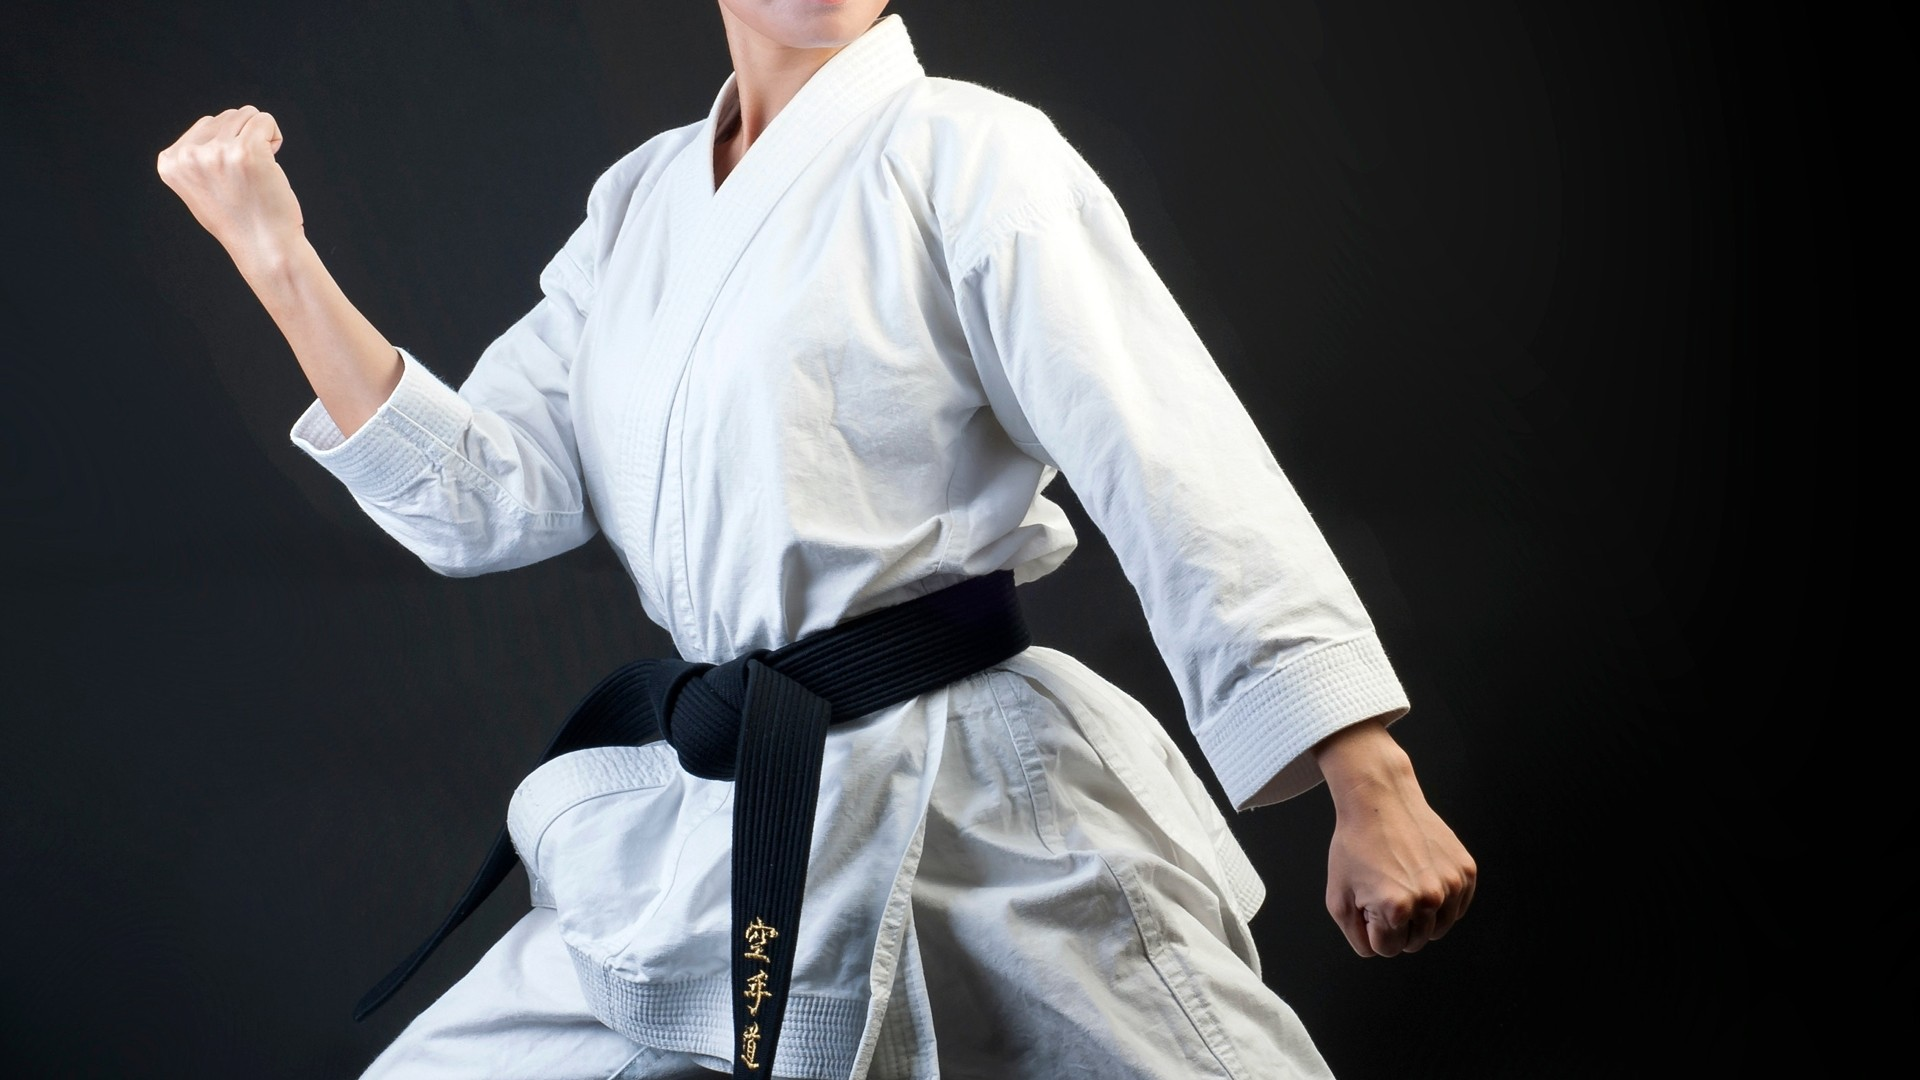 Karate Wallpaper Image